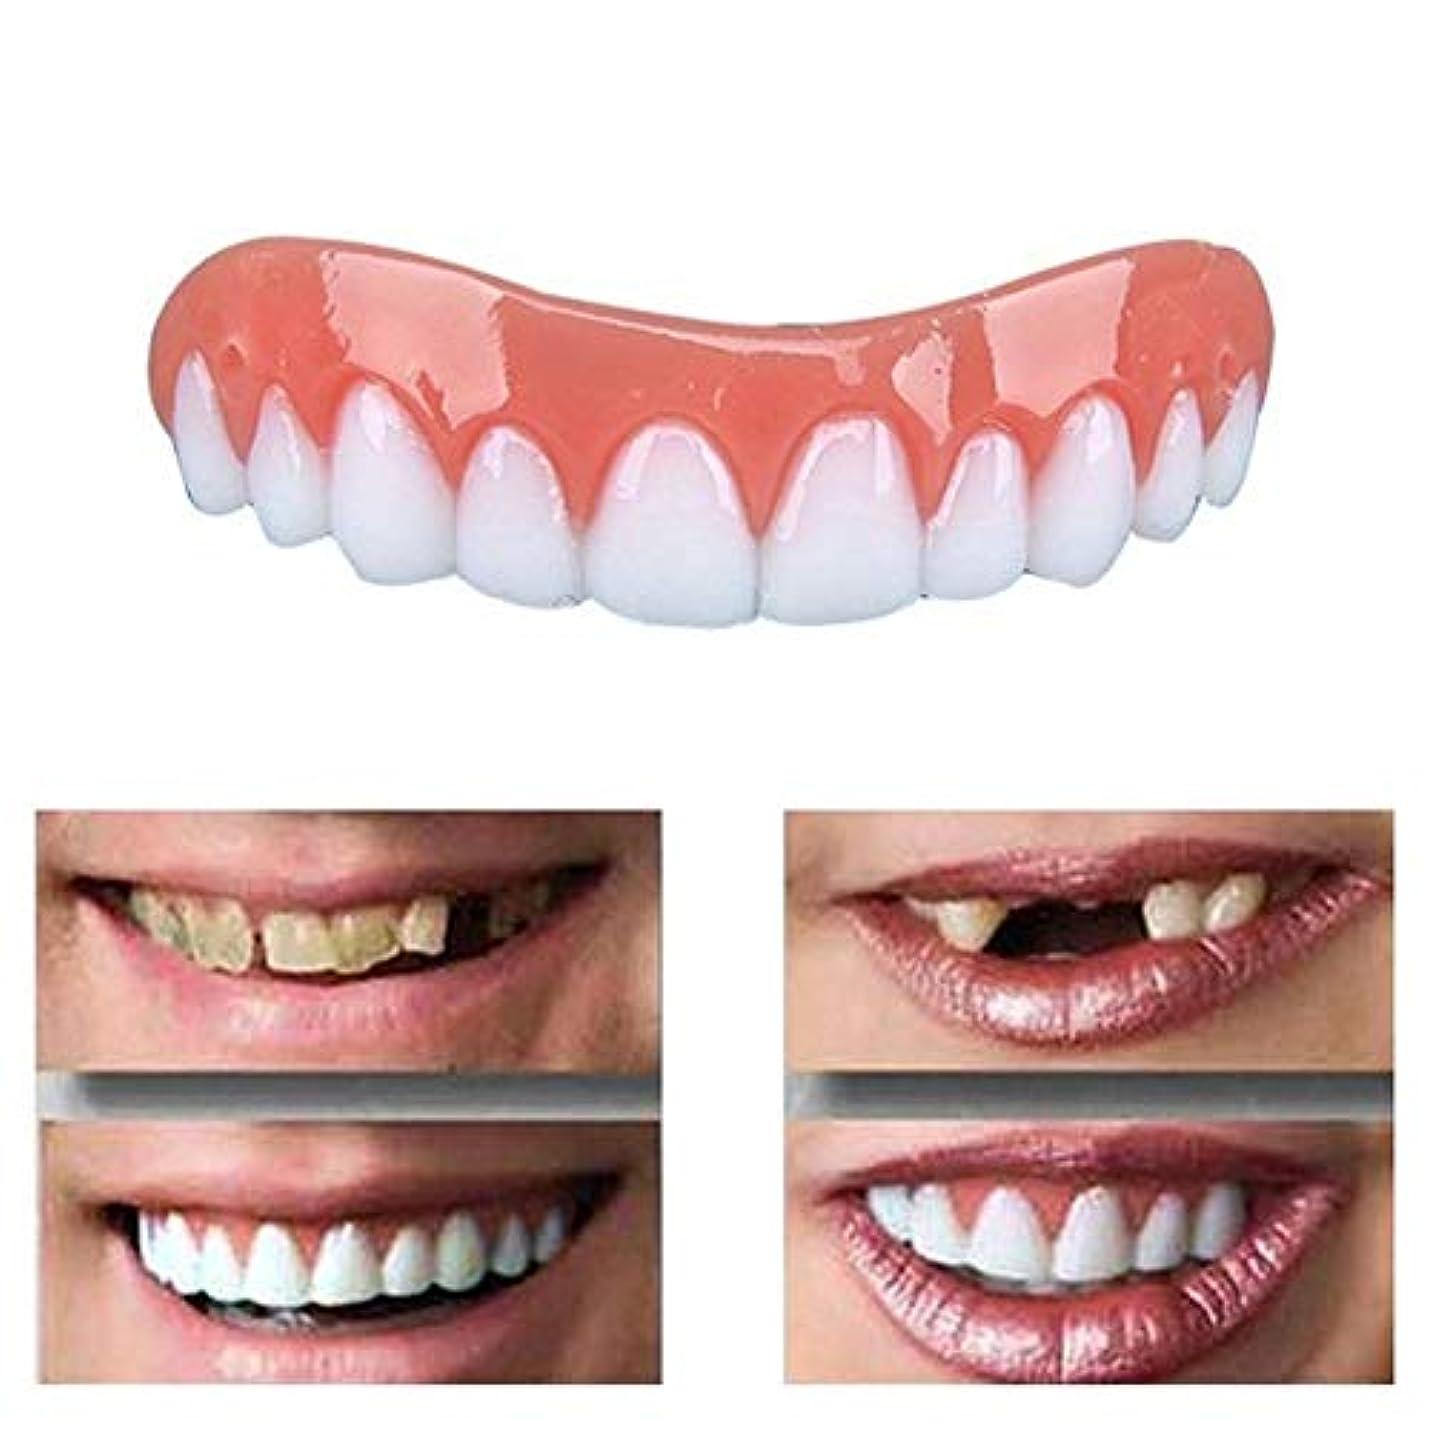 罪悪感女の子あいまい20ピースパーフェクトスマイルベニア偽の歯アッパー偽の歯カバースナップオン即時の歯化粧品義歯のケアオーラルケアシリコーンホワイトニング義歯